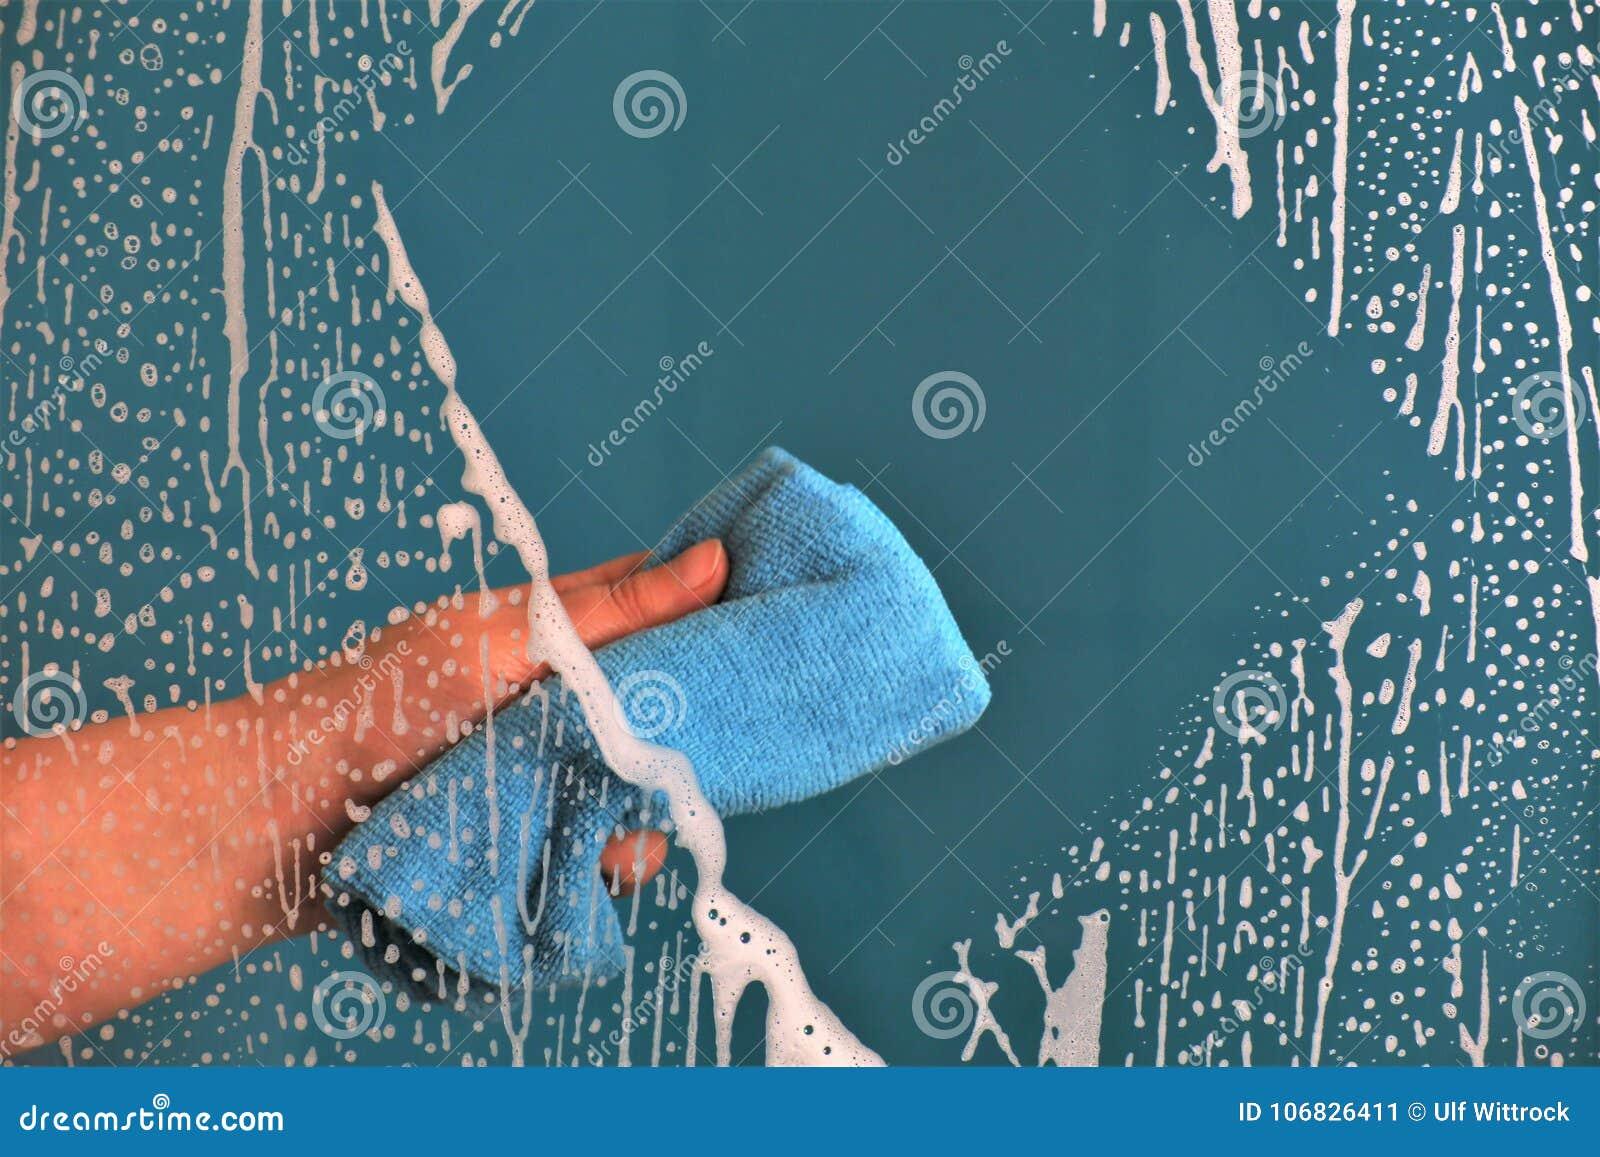 Een conceptenbeeld van het schoonmaken van een venster of een glas